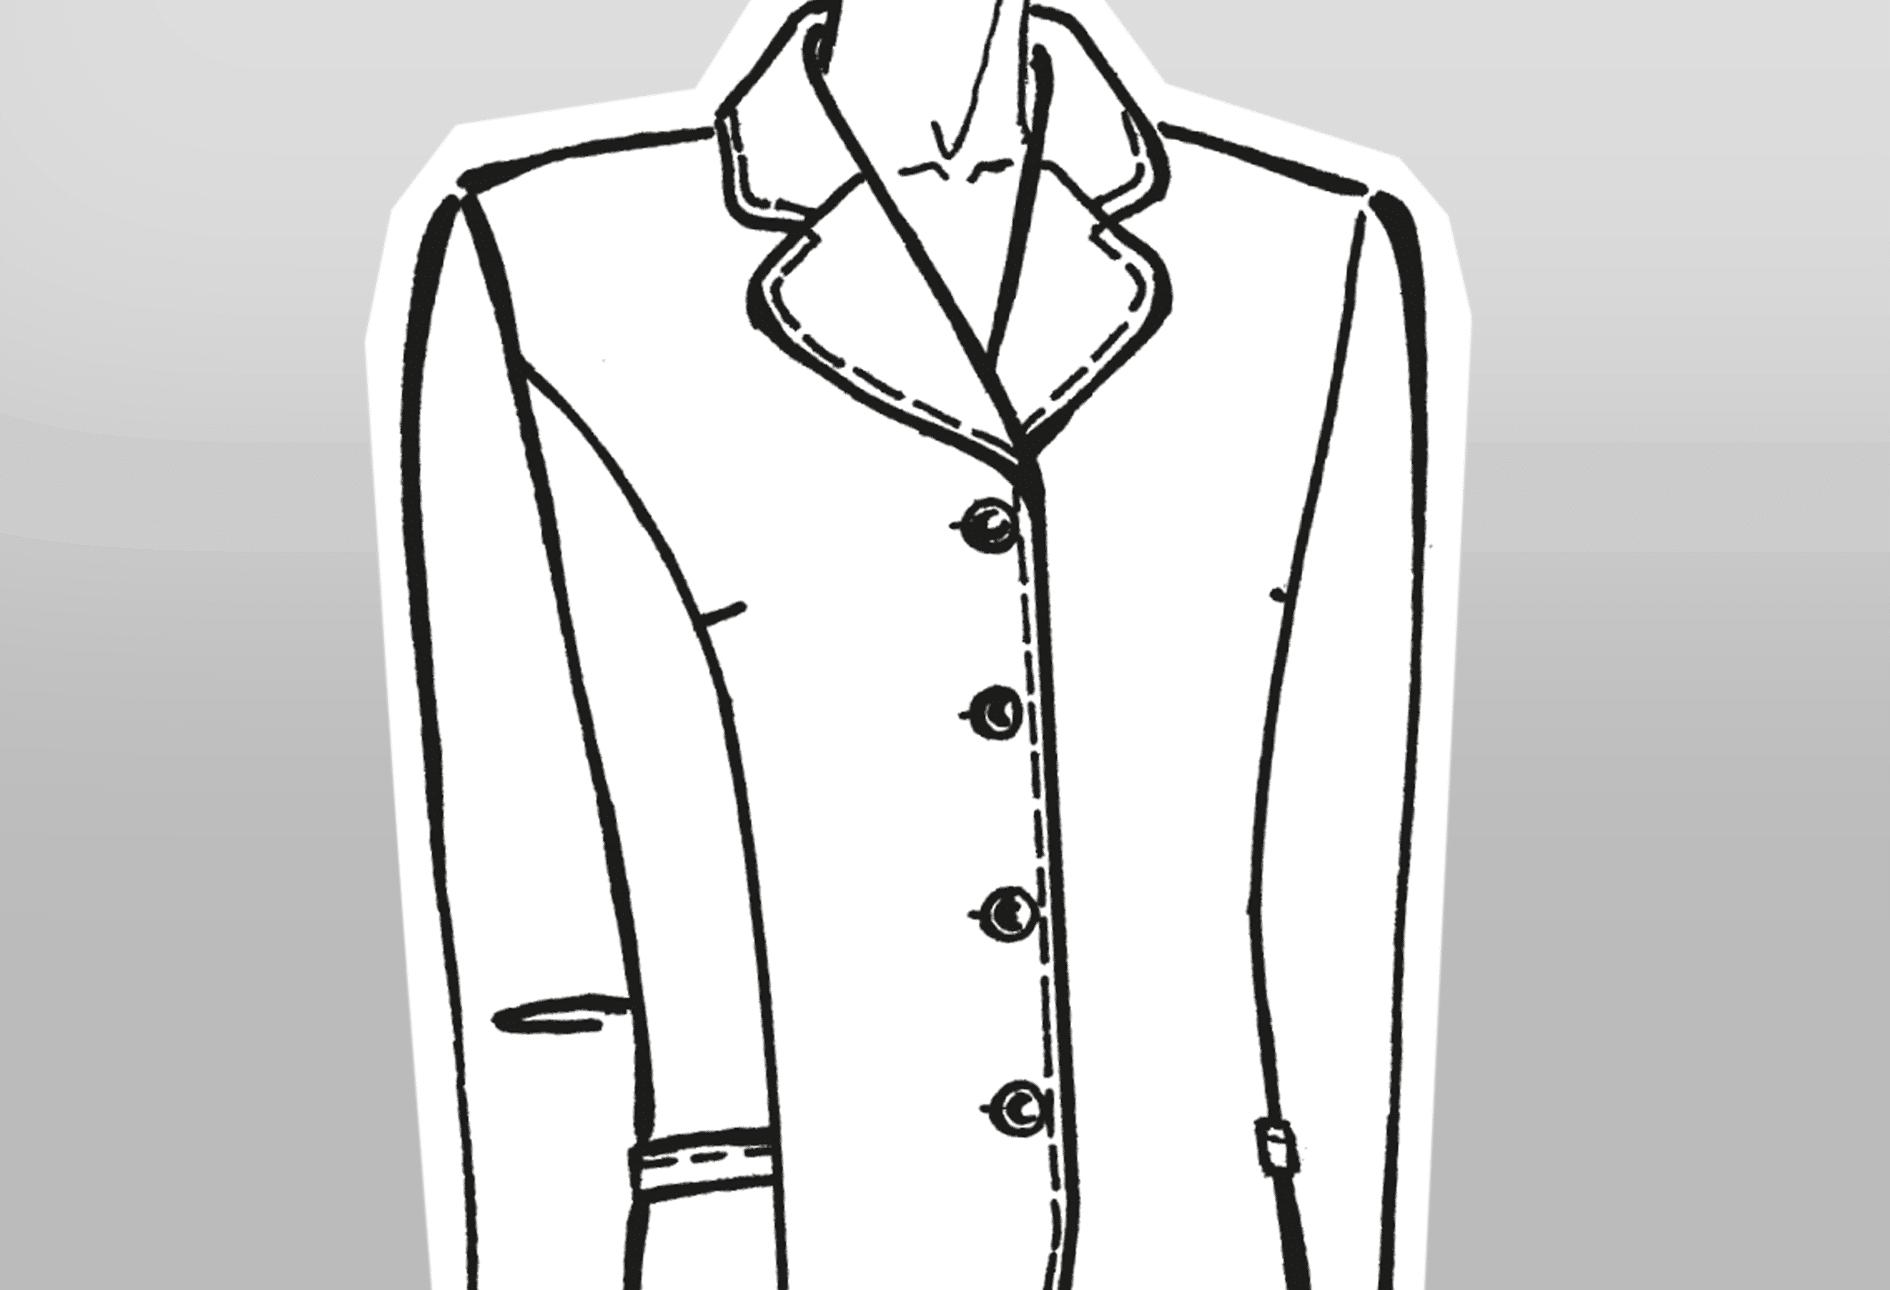 Zu sehen ist die technische Zeichnung eines Mantels mit kurzem breiten Reverskragen und Knopfleiste.